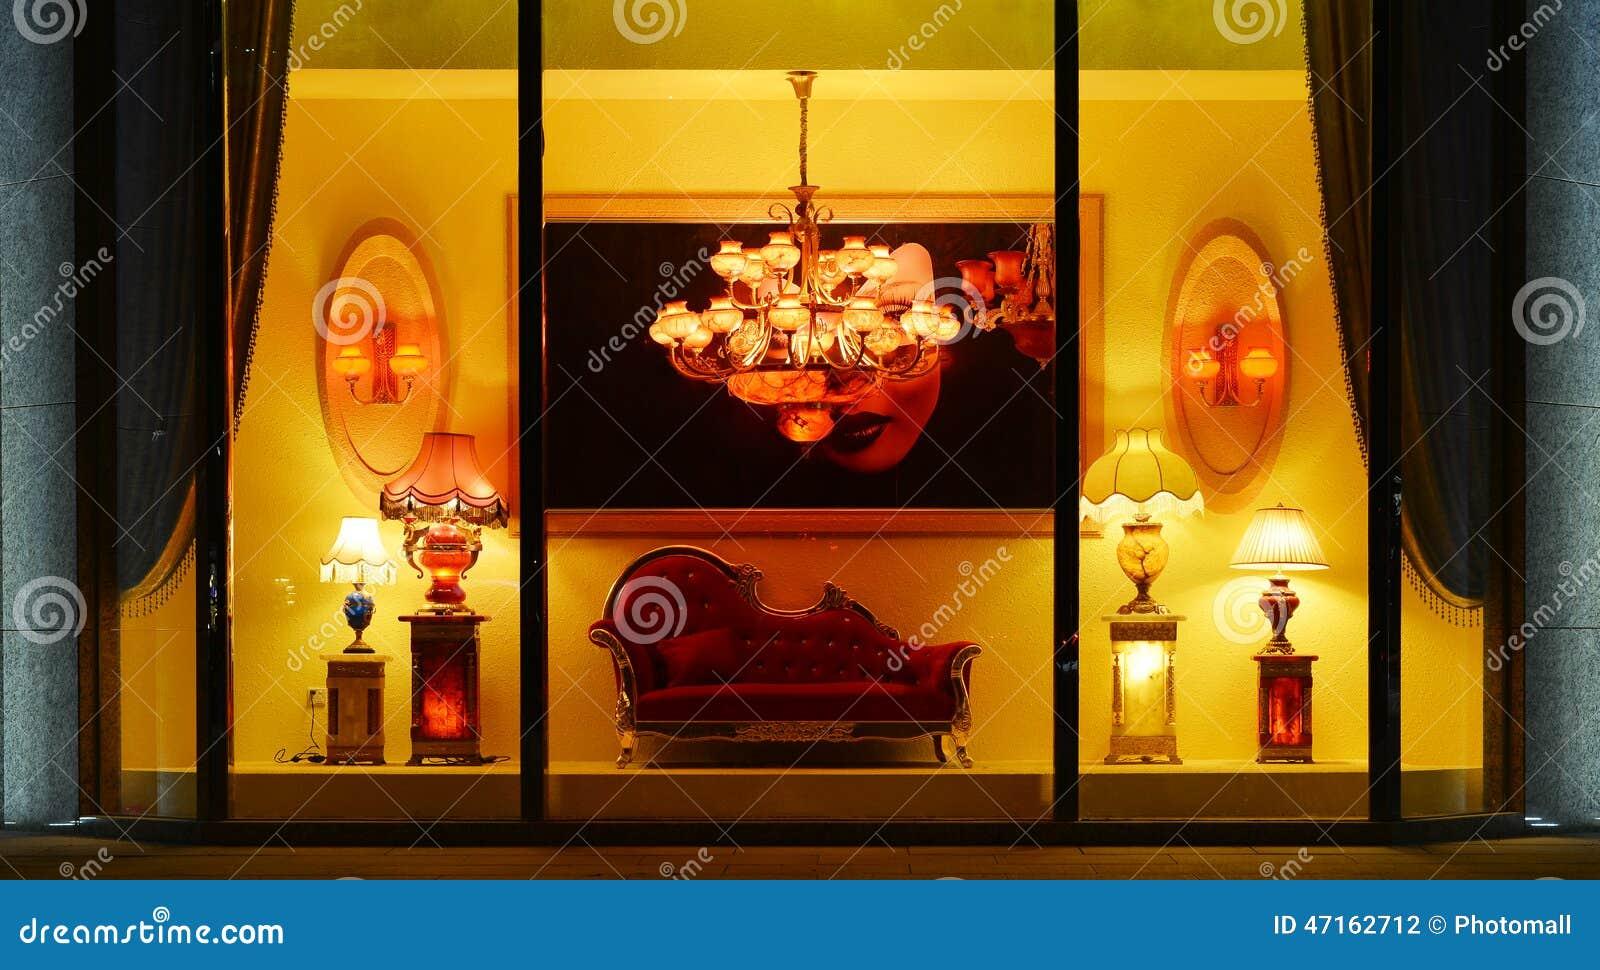 Van de het vensterluxe van de verlichtingswinkel de marmeren kroonluchter, schemerlamp, Muurblaker, Warme lichte, Romantische tij